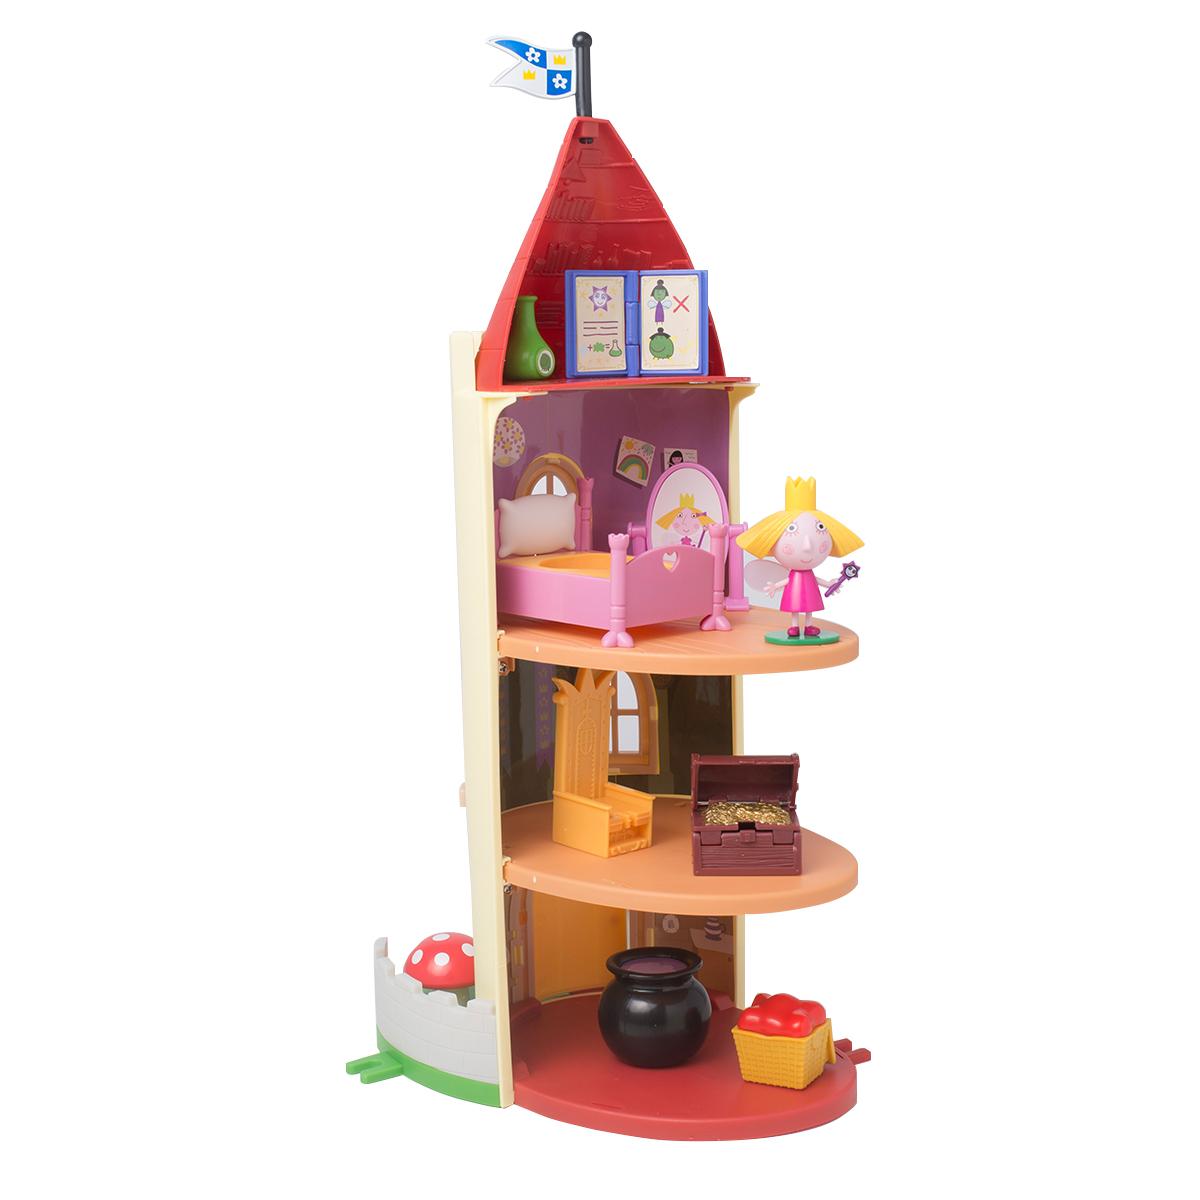 Бен и Холли Игровой набор Замок Холли - Игровые наборы